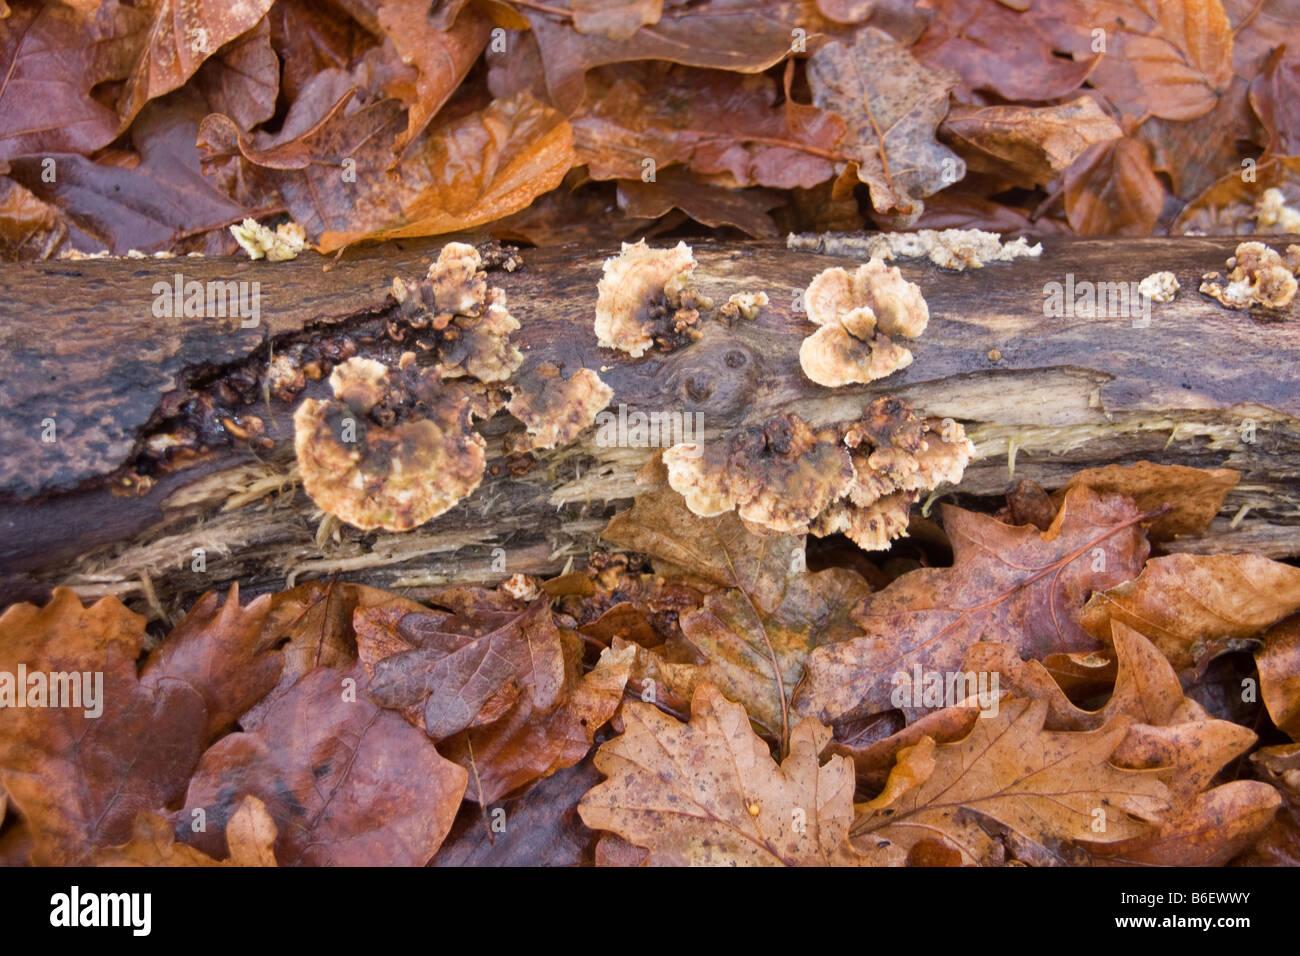 Gefallenen Baumstamm im Bett aus Blättern, pilzartiges ...